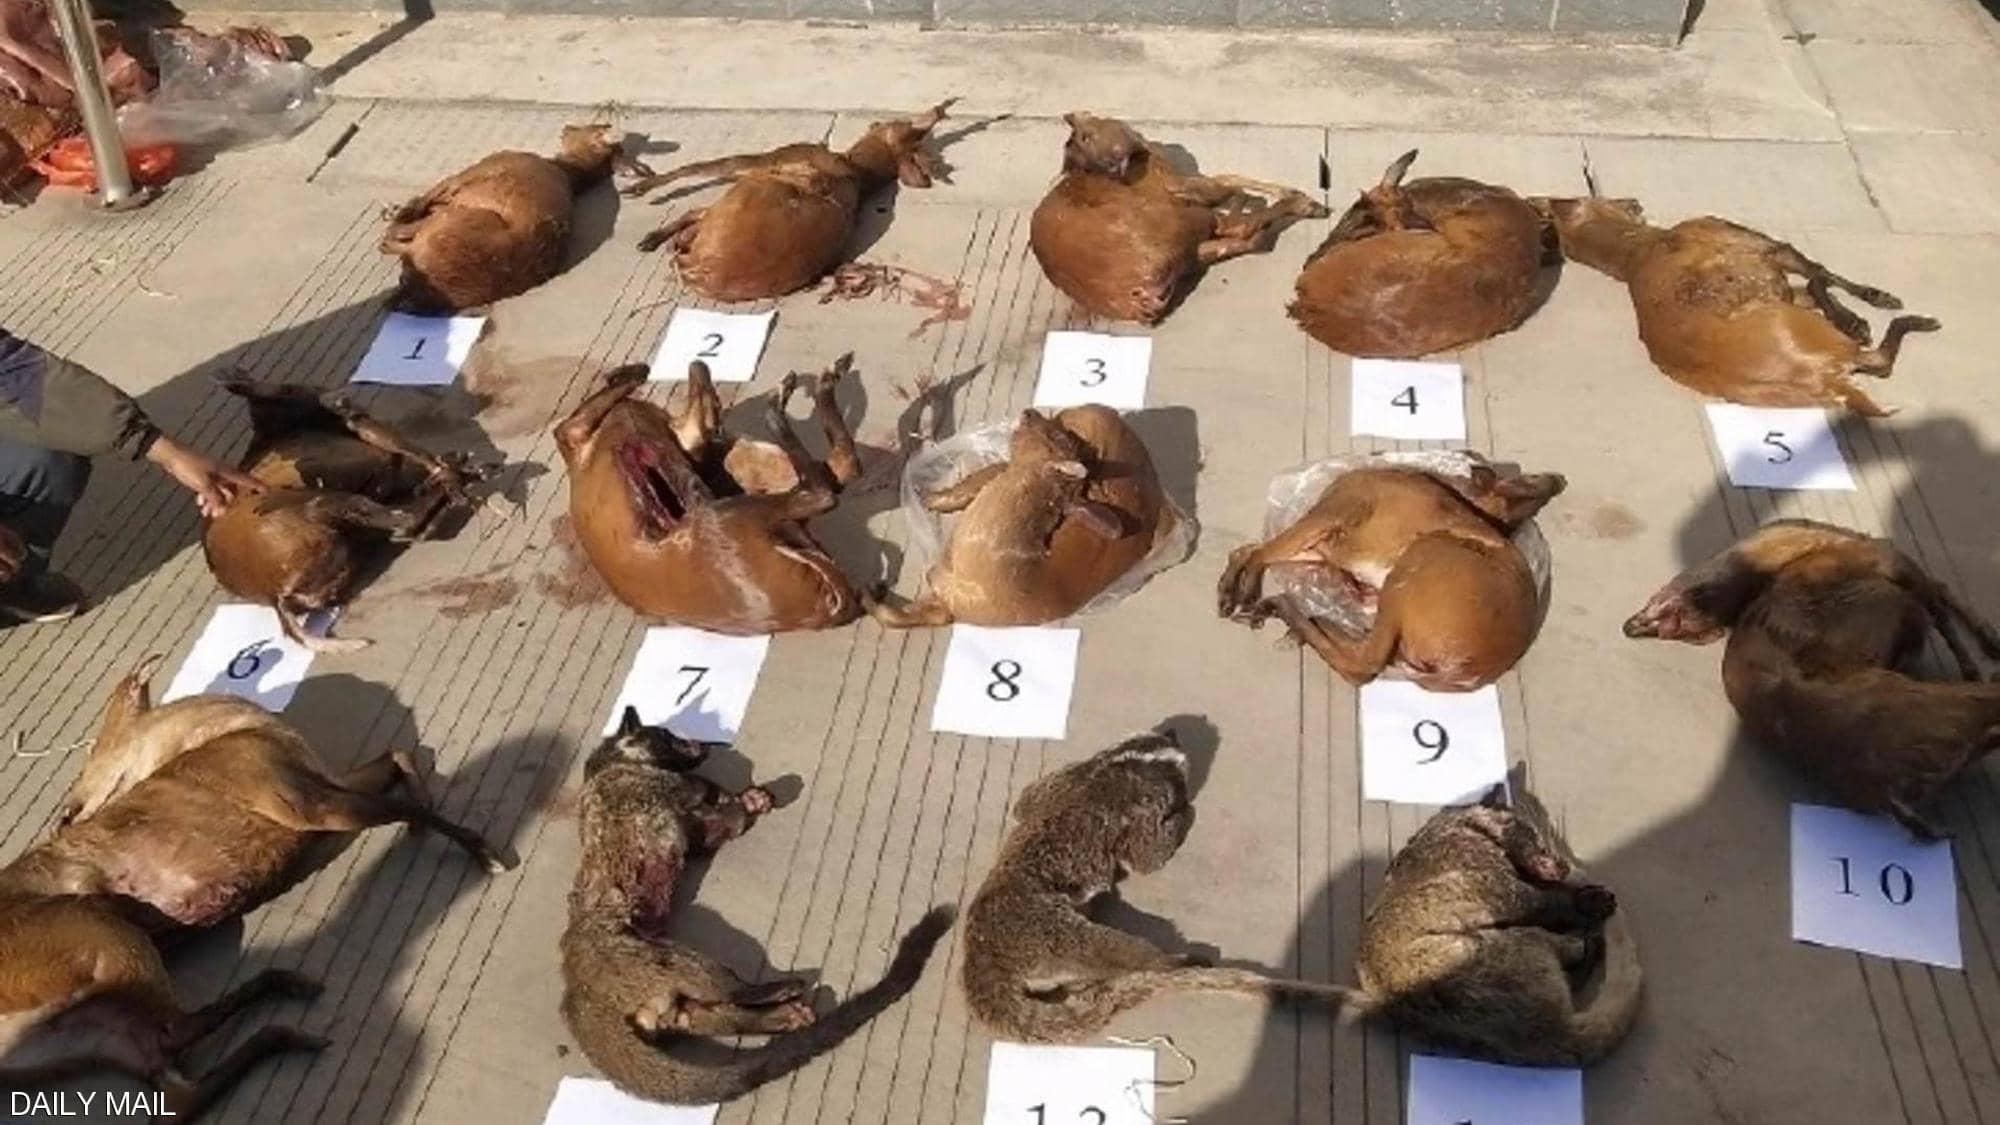 الشرطة عثرت مع المهرب على 11 أيلا صغيرا و3 قطط زباد